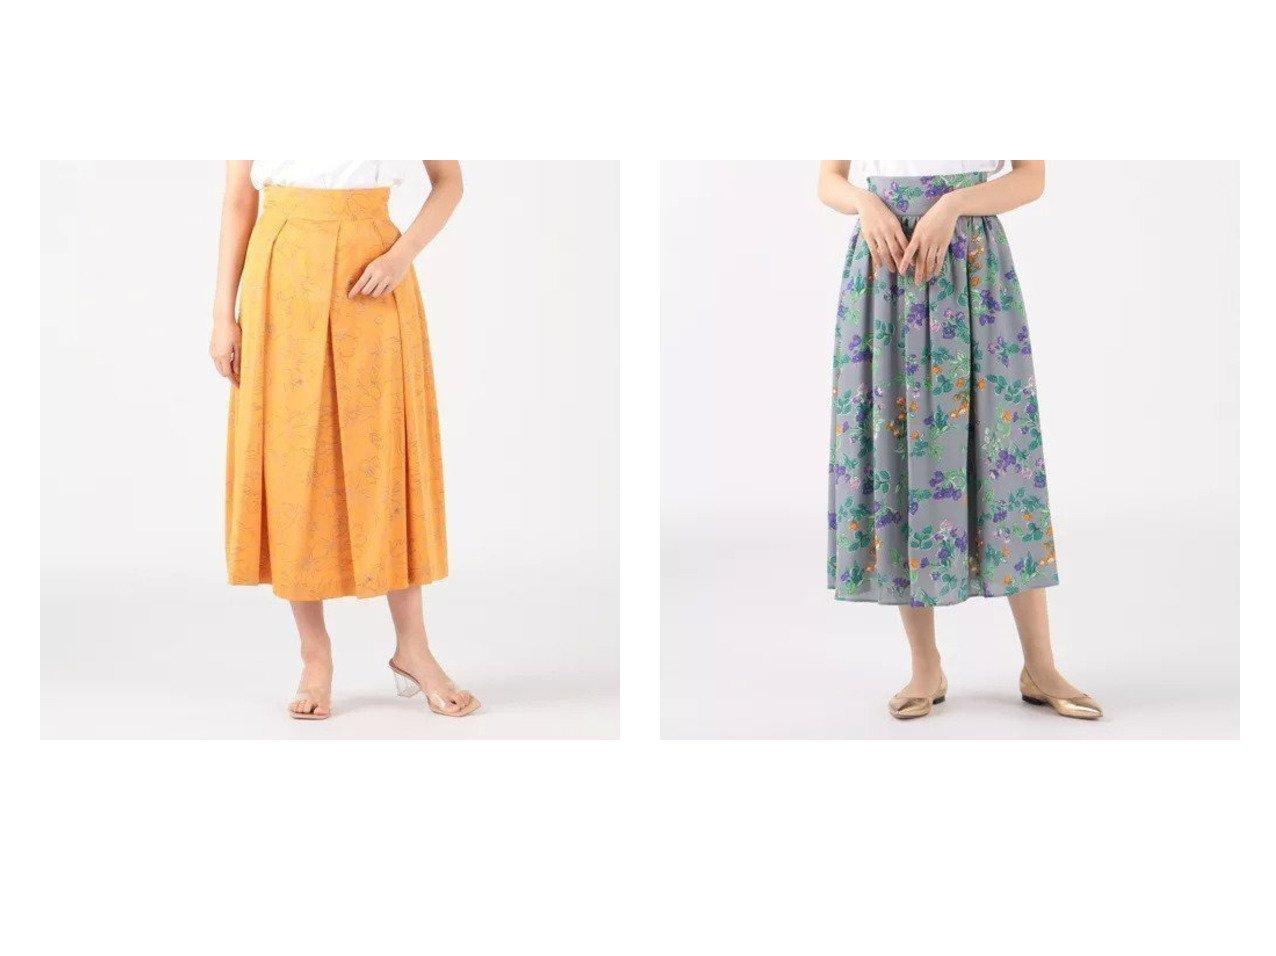 【Tiara/ティアラ】のラインフラワープリントタックフレアスカート&フラワーPtロングスカート 【スカート】おすすめ!人気、トレンド・レディースファッションの通販 おすすめで人気の流行・トレンド、ファッションの通販商品 インテリア・家具・メンズファッション・キッズファッション・レディースファッション・服の通販 founy(ファニー) https://founy.com/ ファッション Fashion レディースファッション WOMEN スカート Skirt Aライン/フレアスカート Flared A-Line Skirts ロングスカート Long Skirt ギャザー フラワー フレア マキシ ロング プリント リュクス 洗える |ID:crp329100000045126